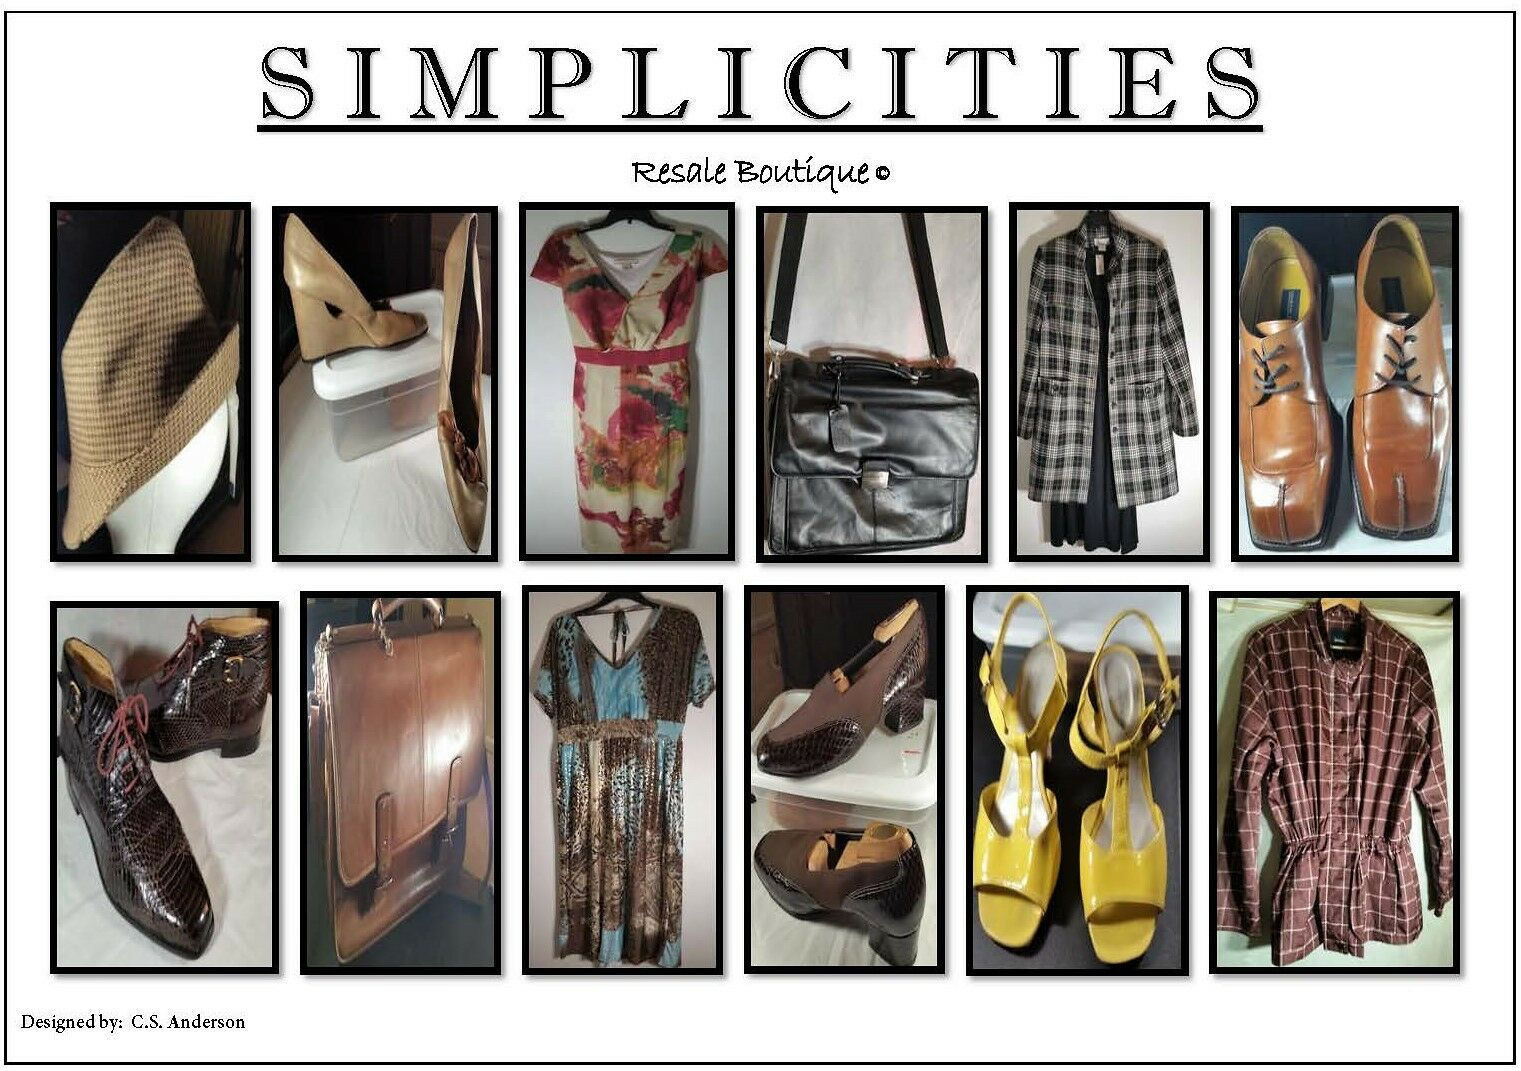 Simplicities Resale Boutique